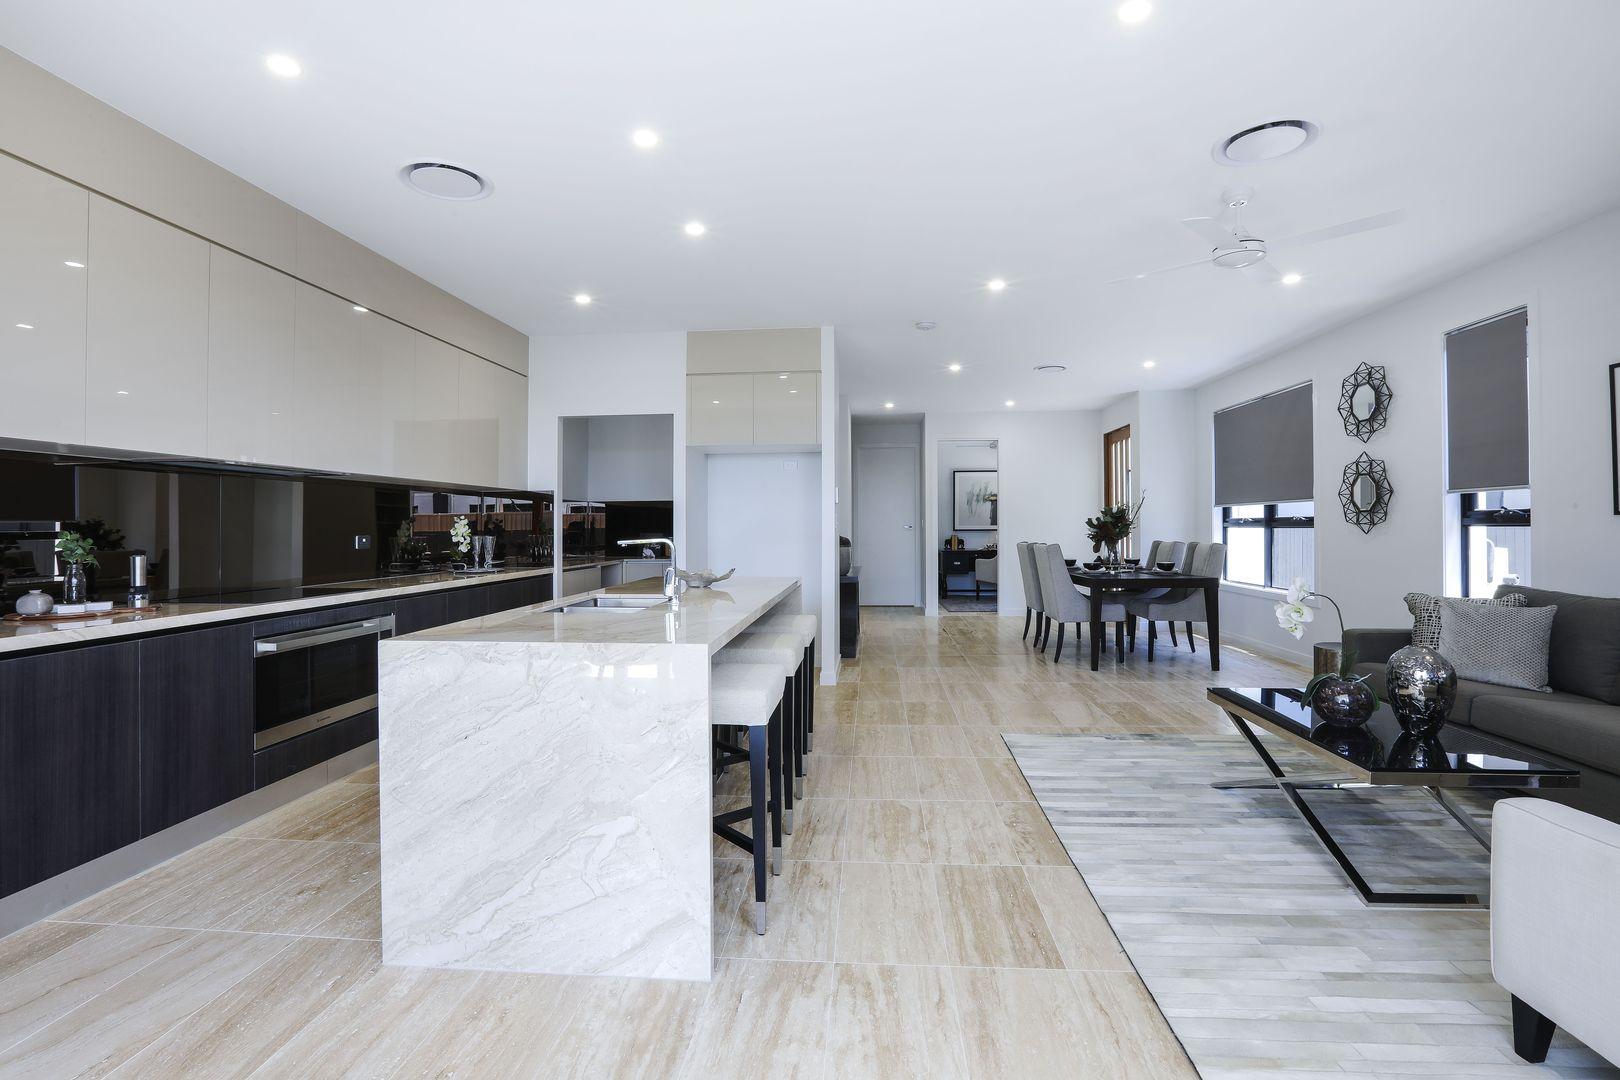 2/6 Lee Road, Runaway Bay QLD 4216, Image 2